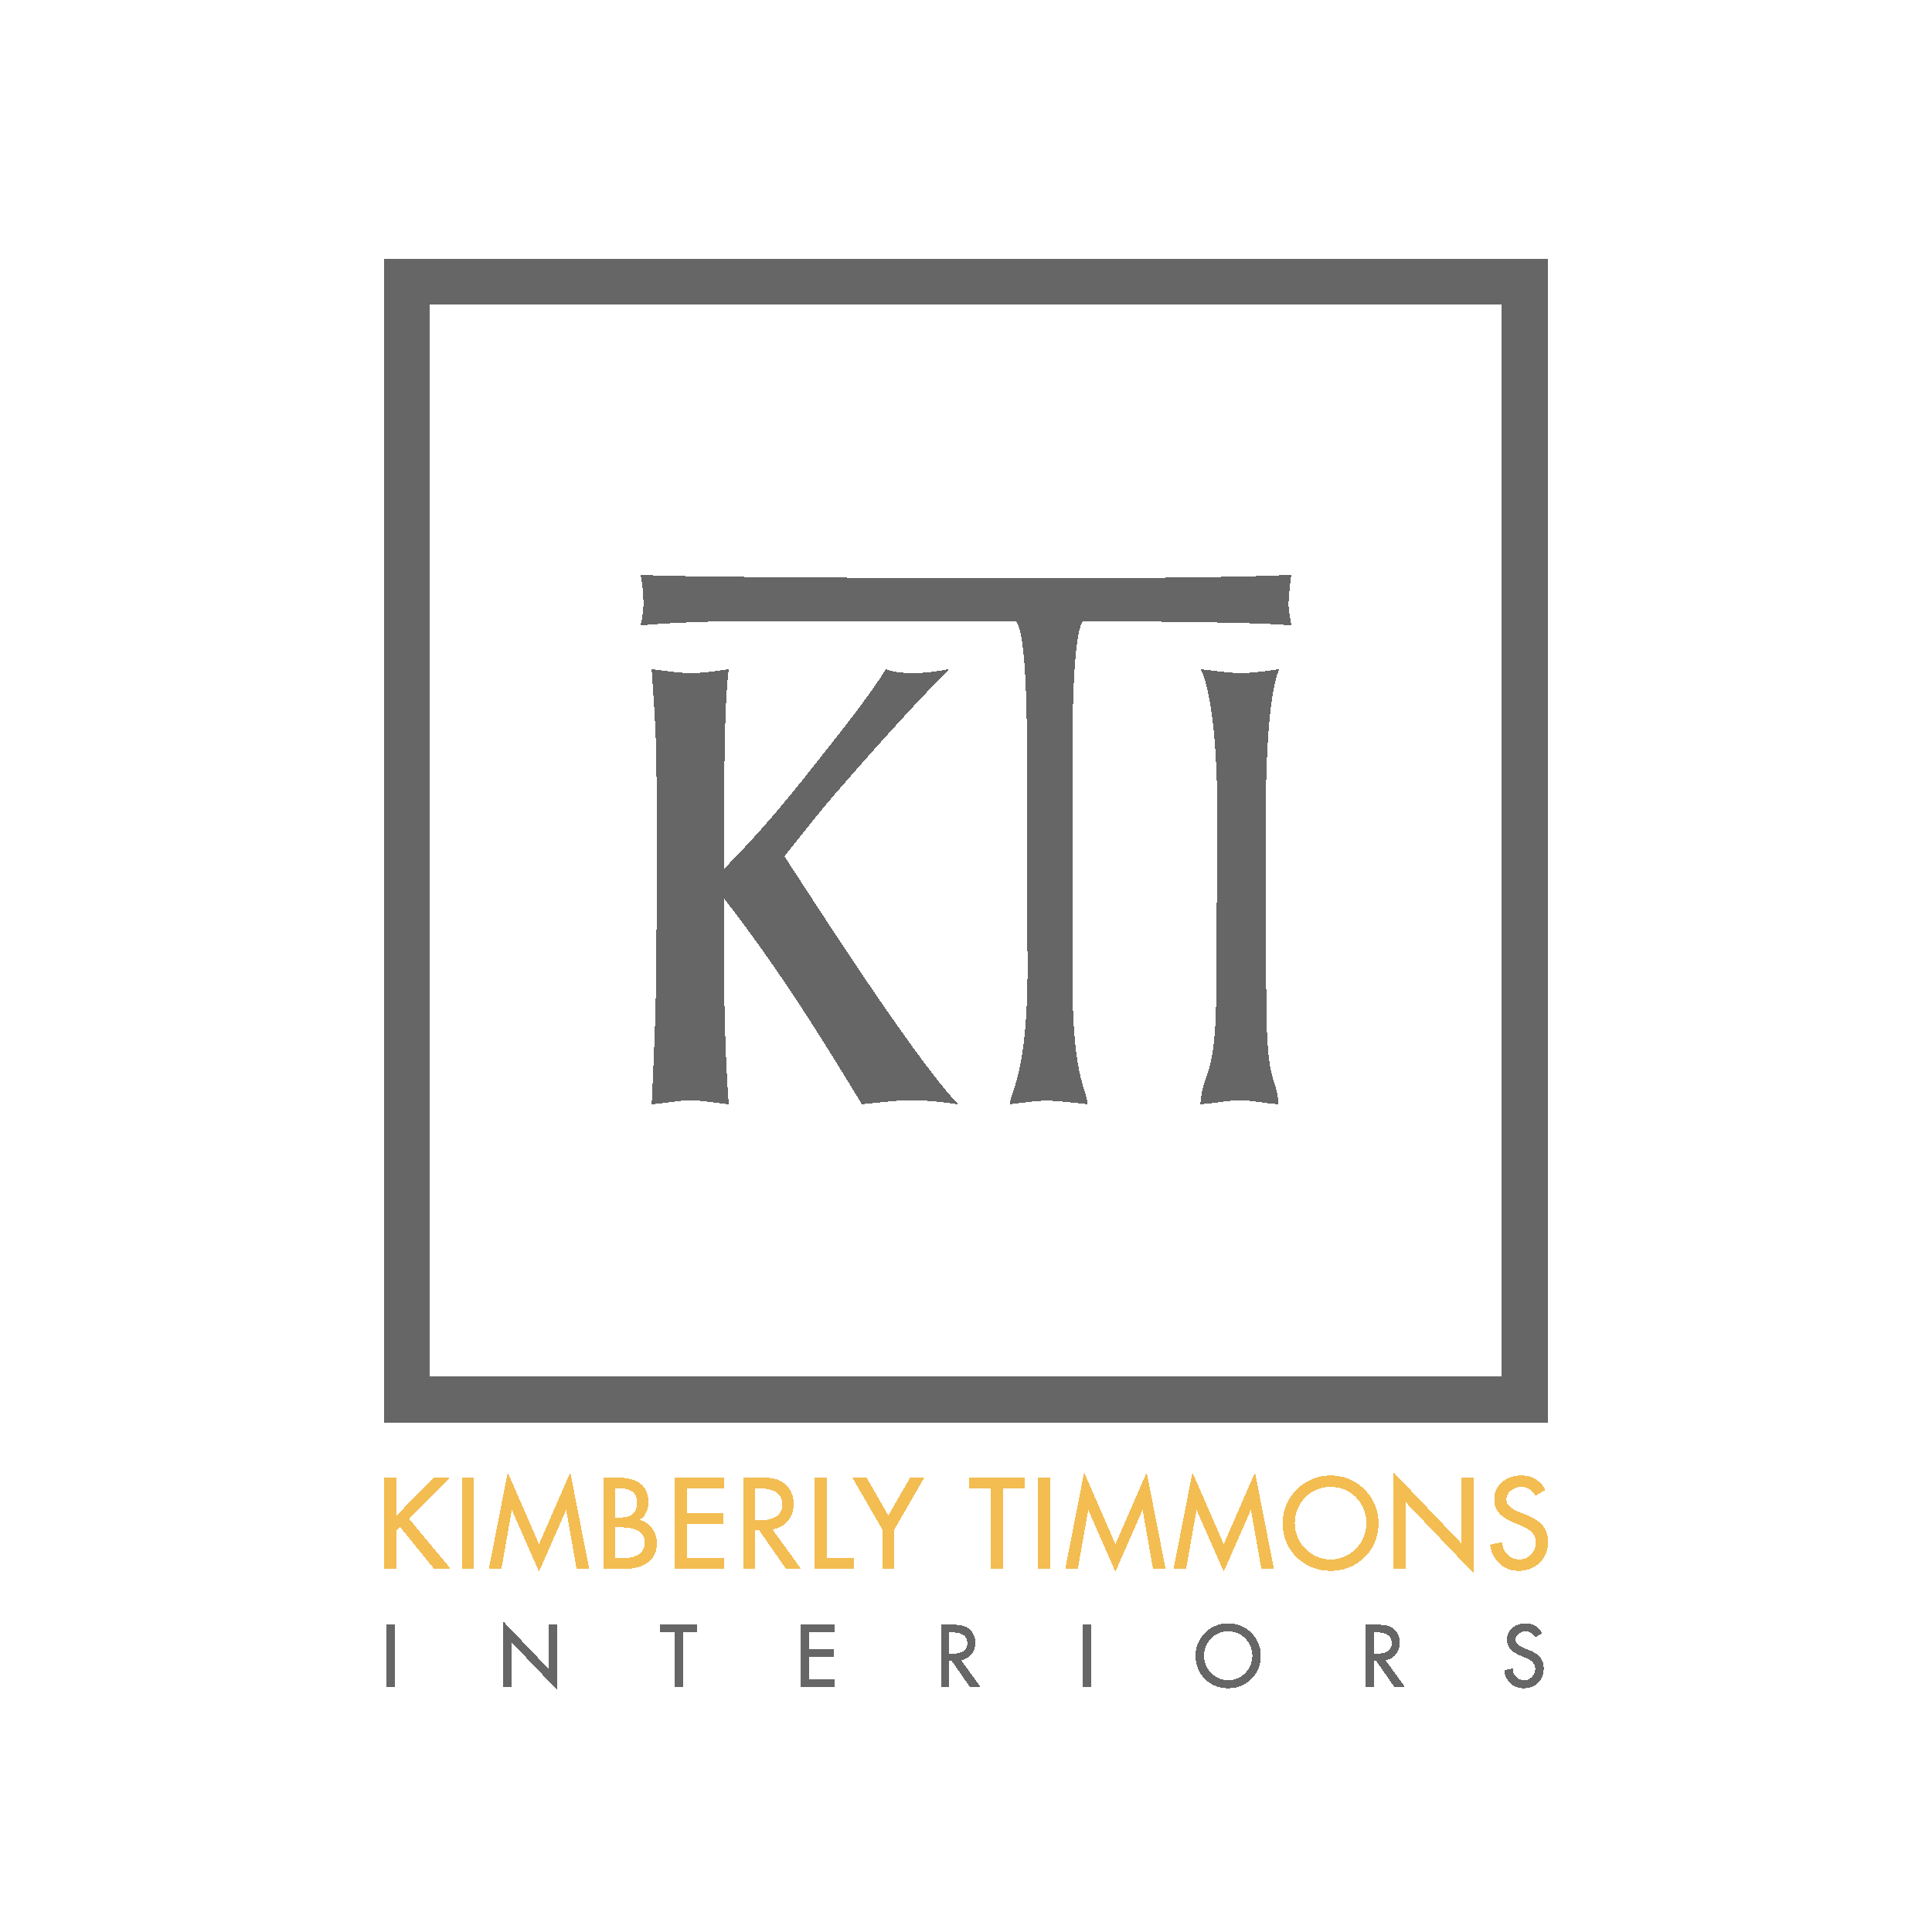 Kimberly Timmons Interiors